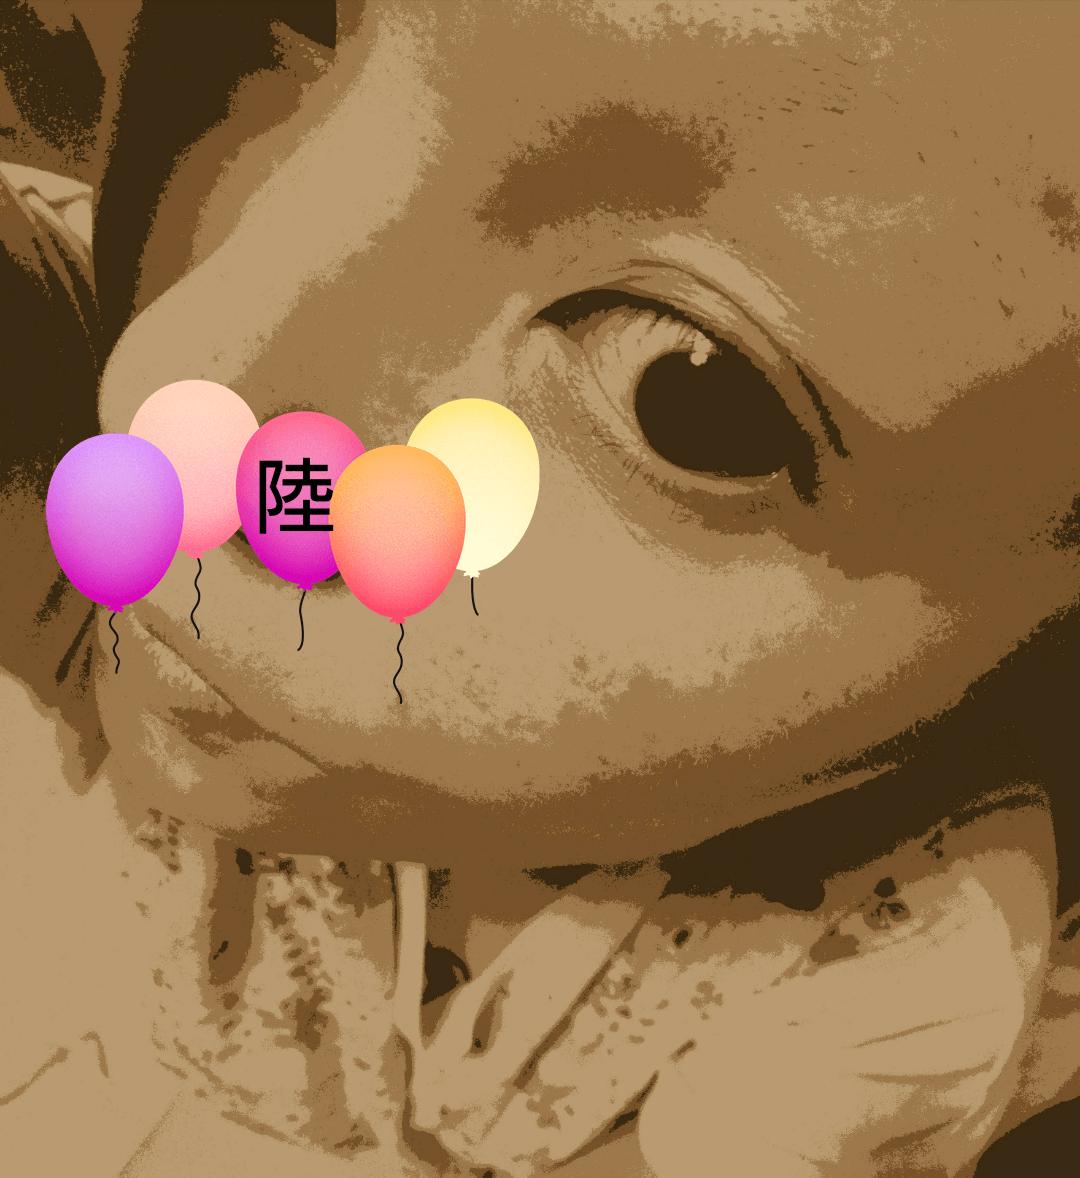 りく「おやすみなさい(⌒0⌒)/~~」06/24(日) 22:02   りくの写メ・風俗動画